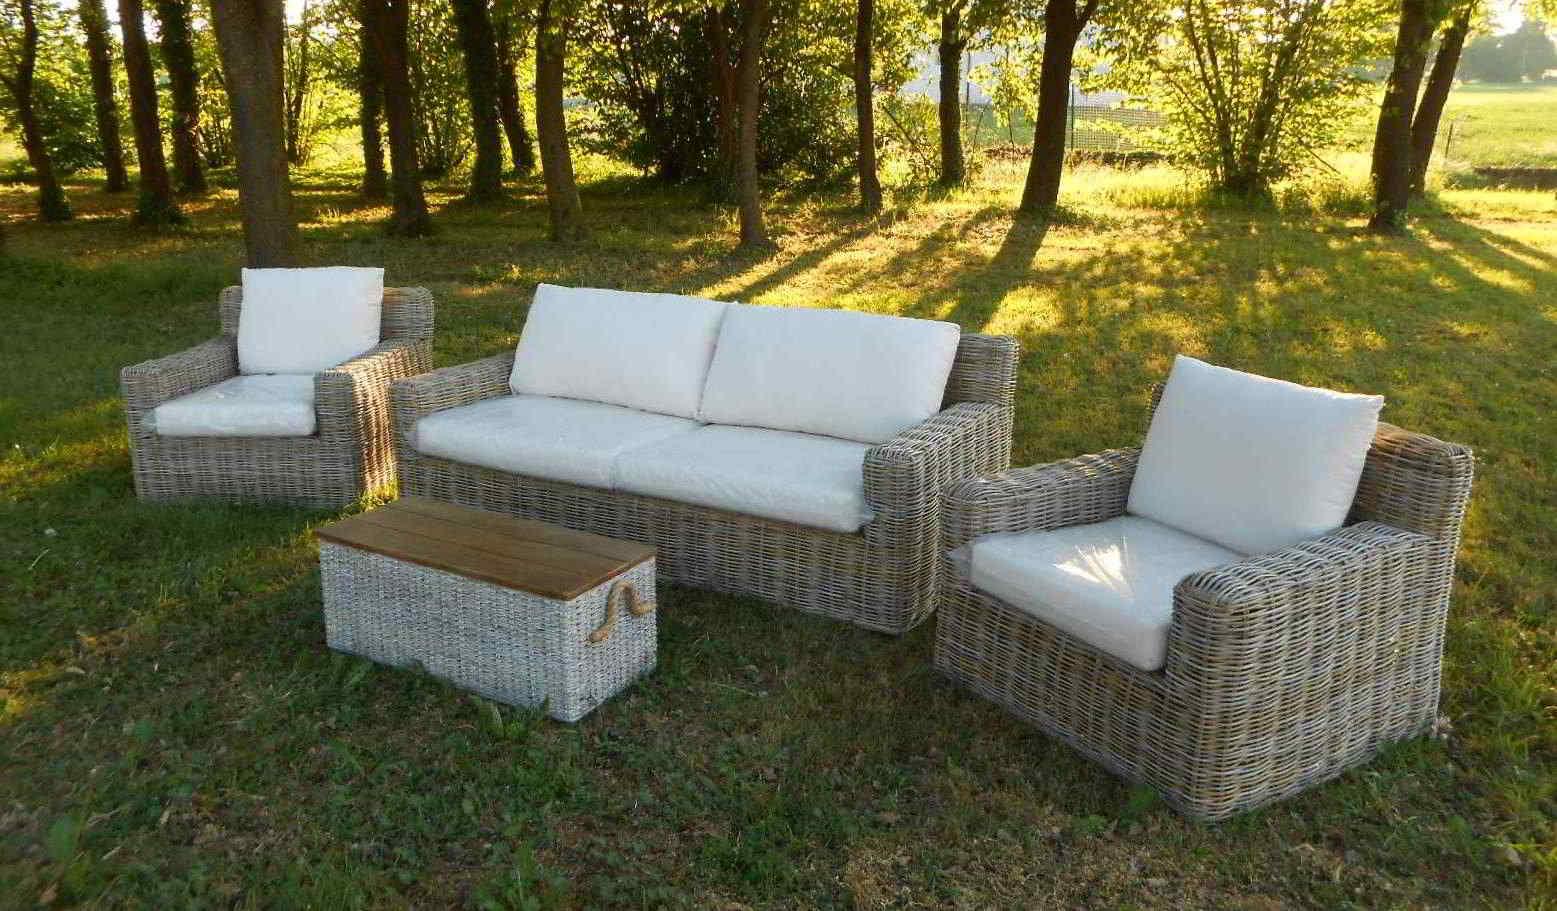 Arredamento per esterno mobili da giardino salotti per - Mobili giardino ...